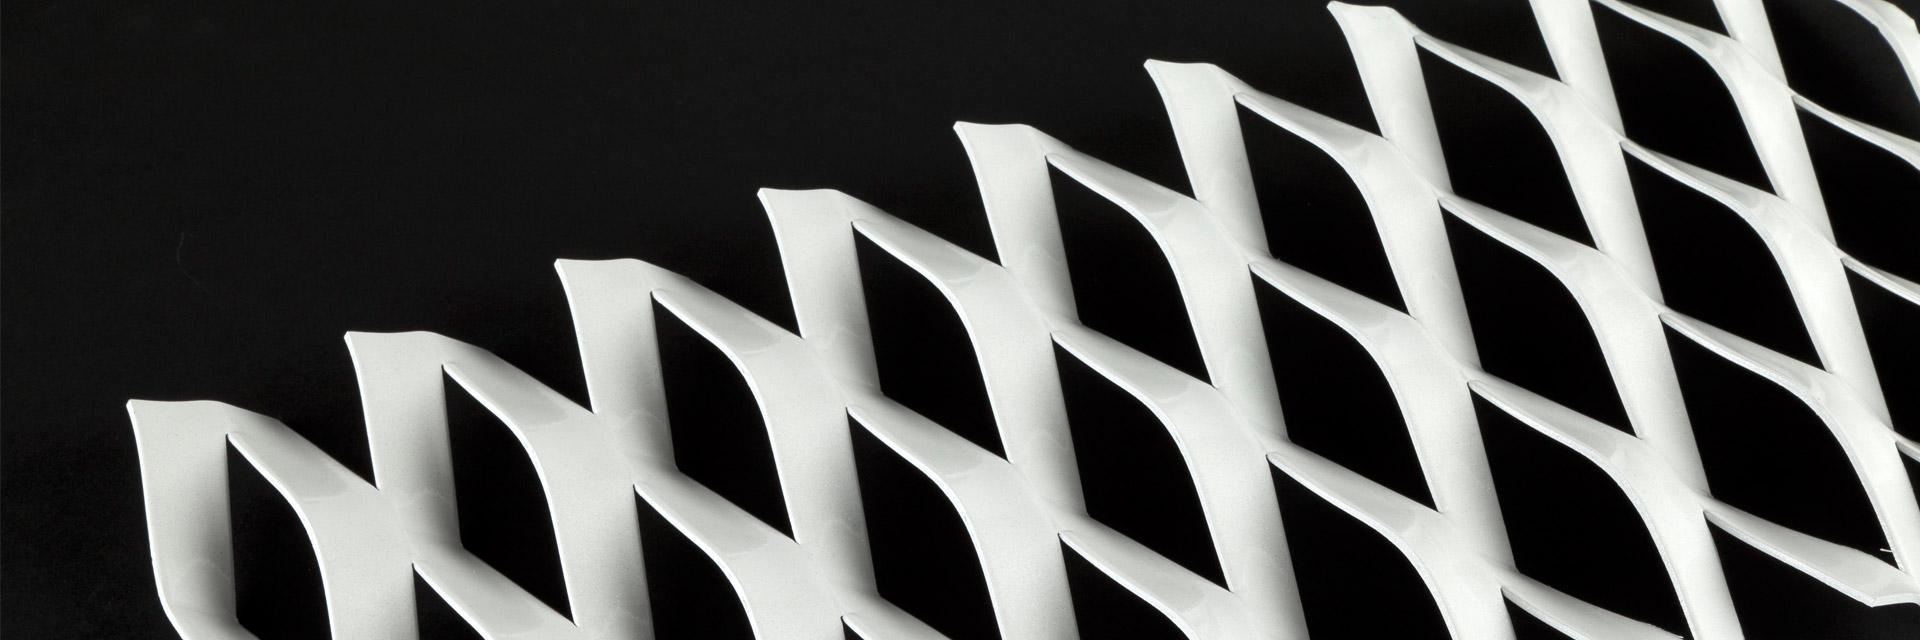 Duraflon eignet sich für die Applikation auf unterschiedlichsten Materialstrukturen. Streckmetall